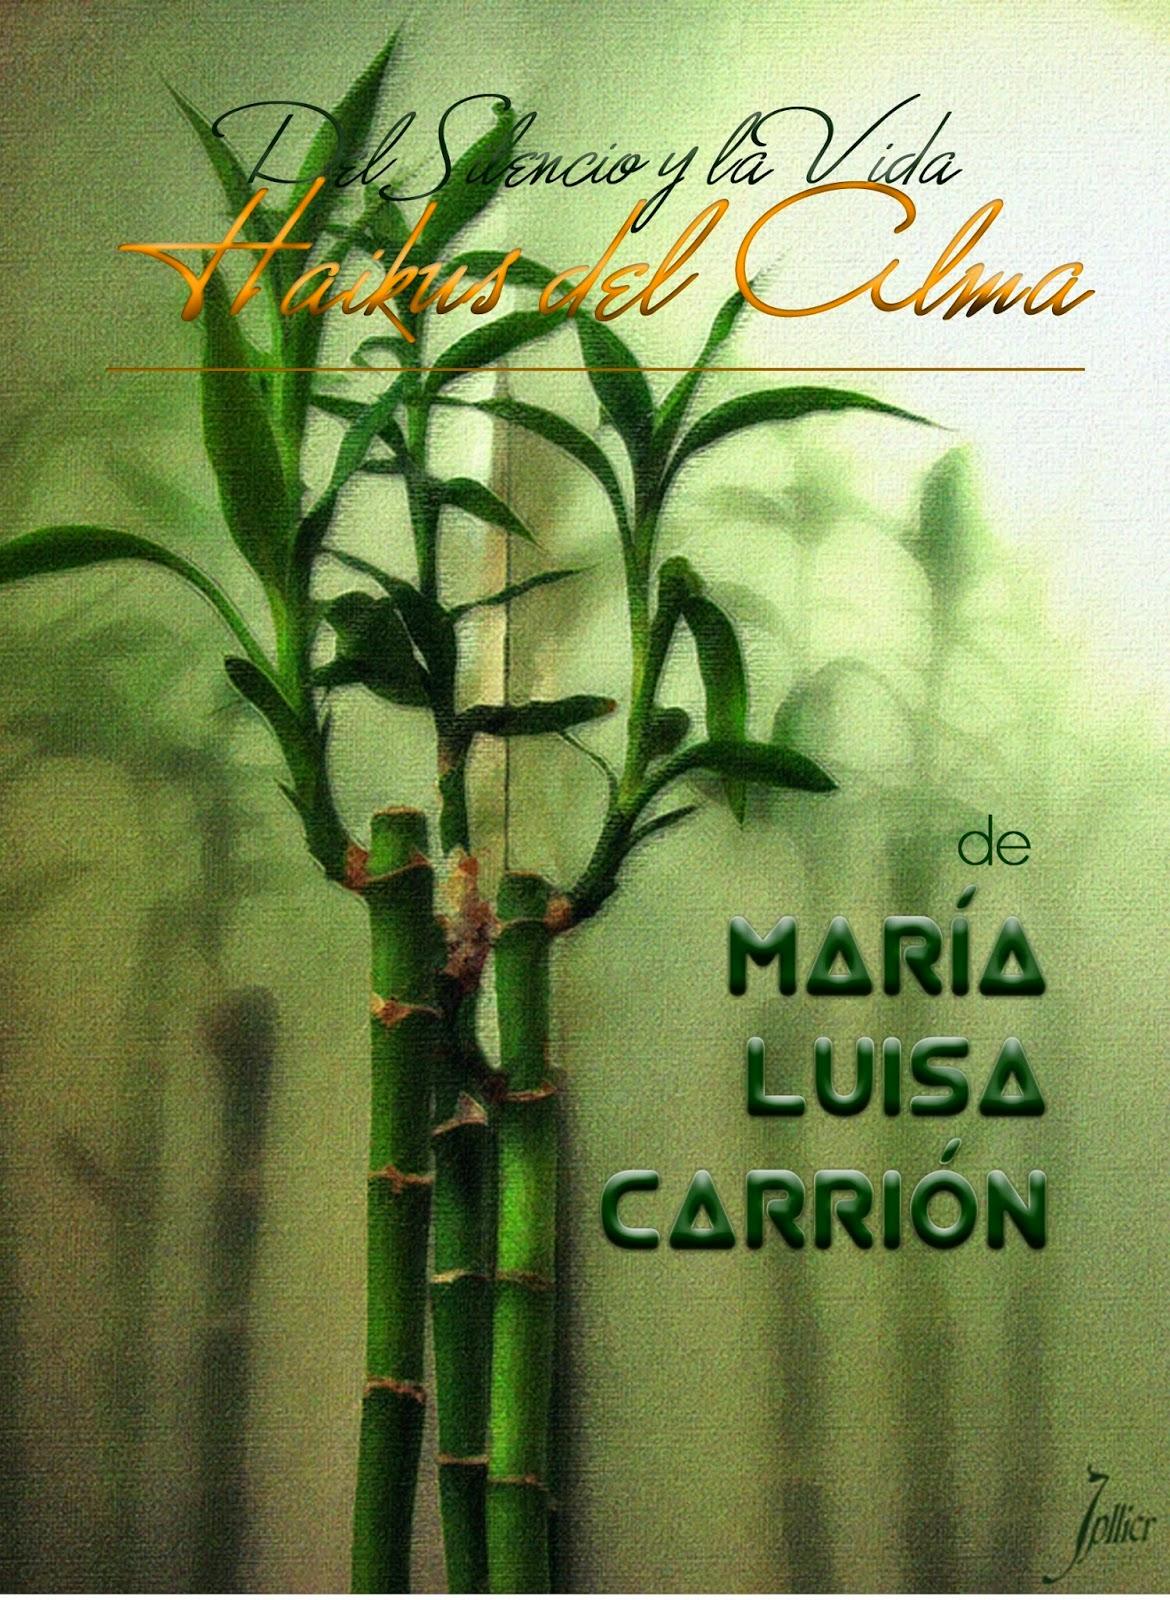 http://www.unionescritores.com/2015/04/del-silencio-y-la-vida-haikus-del-alma.html